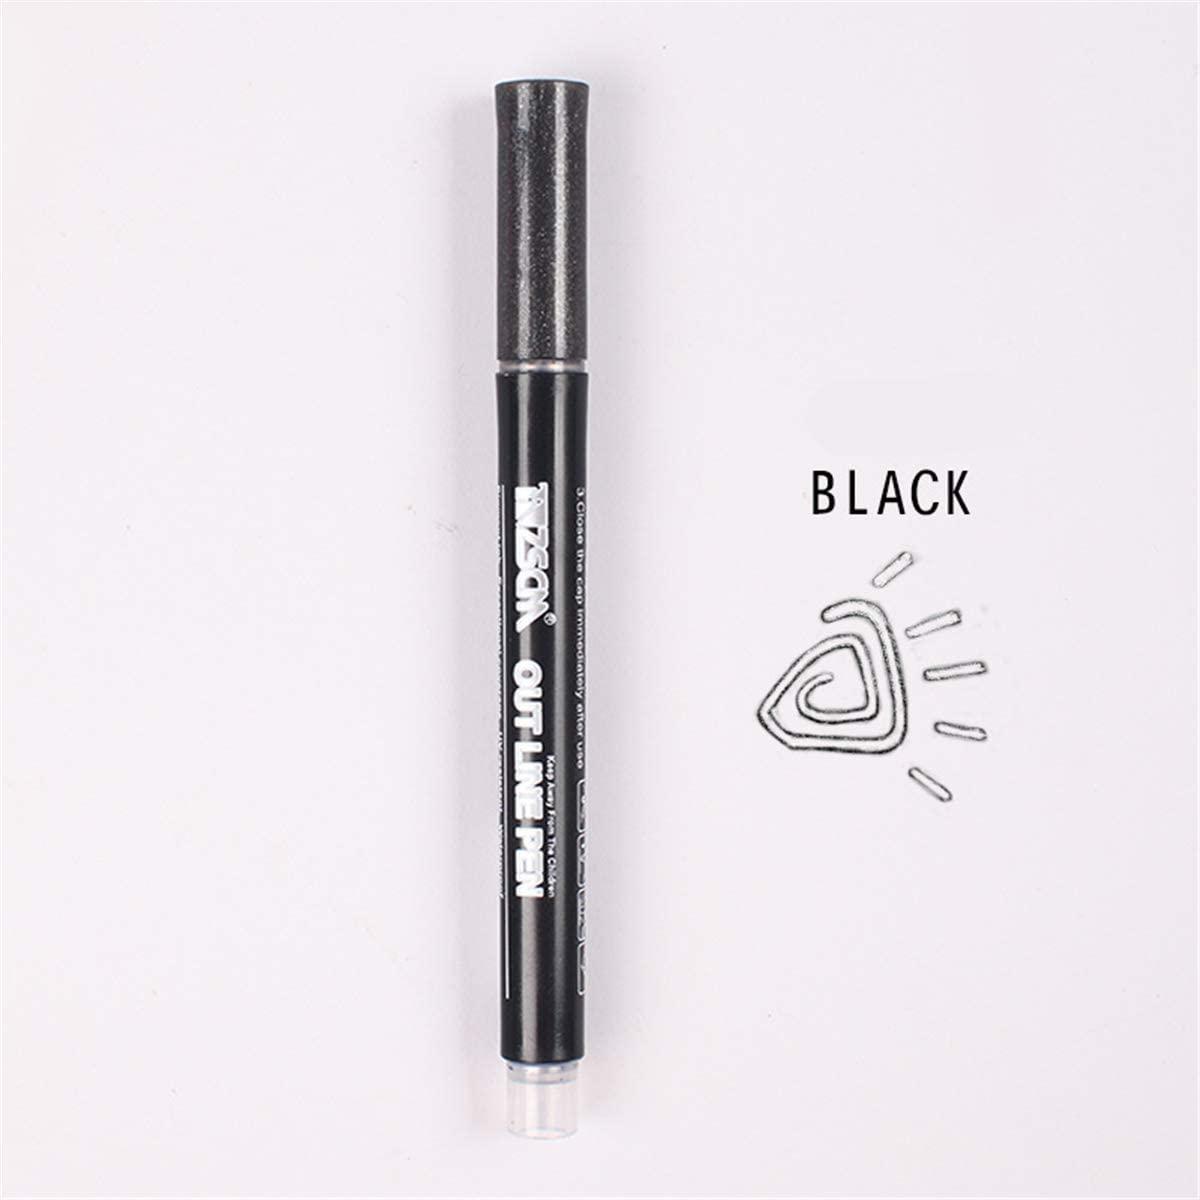 QINREN Double Lines Art Markers Pen Out Line Pen Scrapbooking Pens Fine Liner Marker Fineliner Calligraphy Lettering Pen Color,Black Color Hand Account Pen